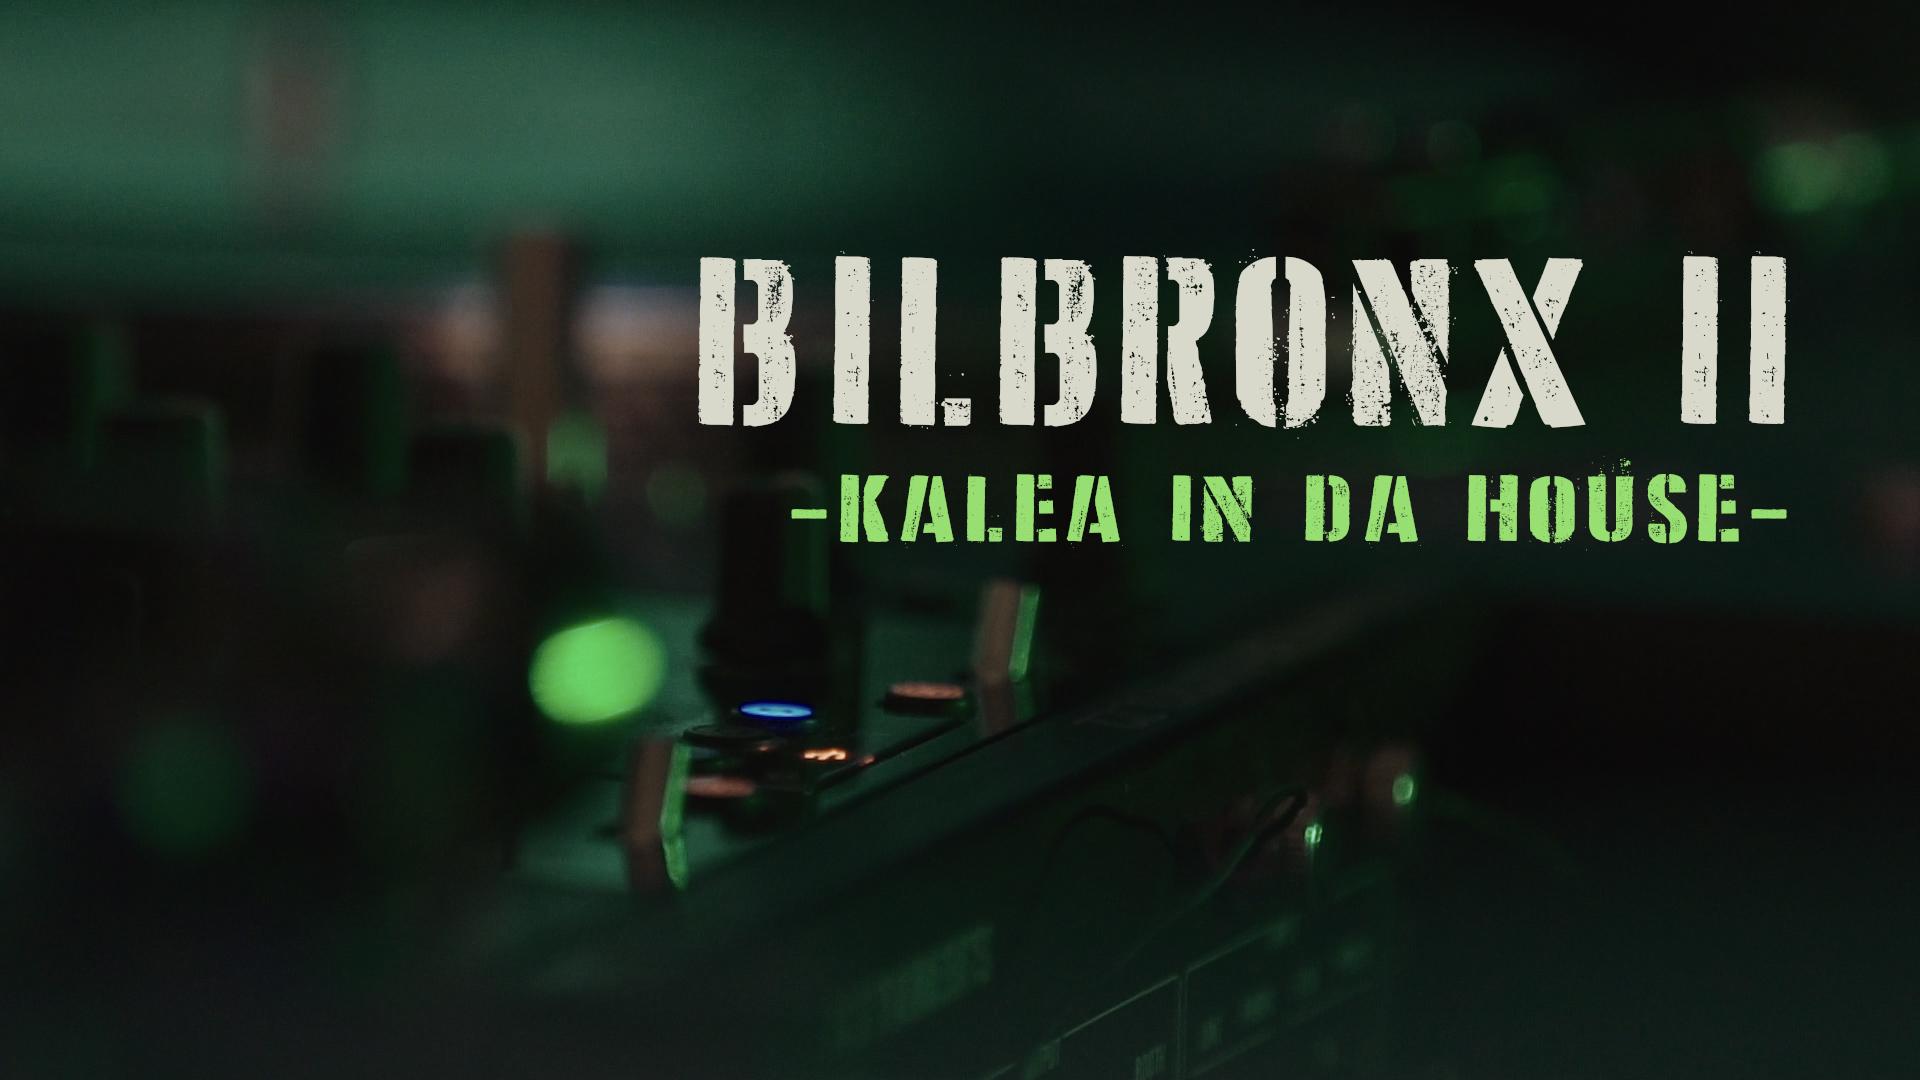 BILBRONX 2017